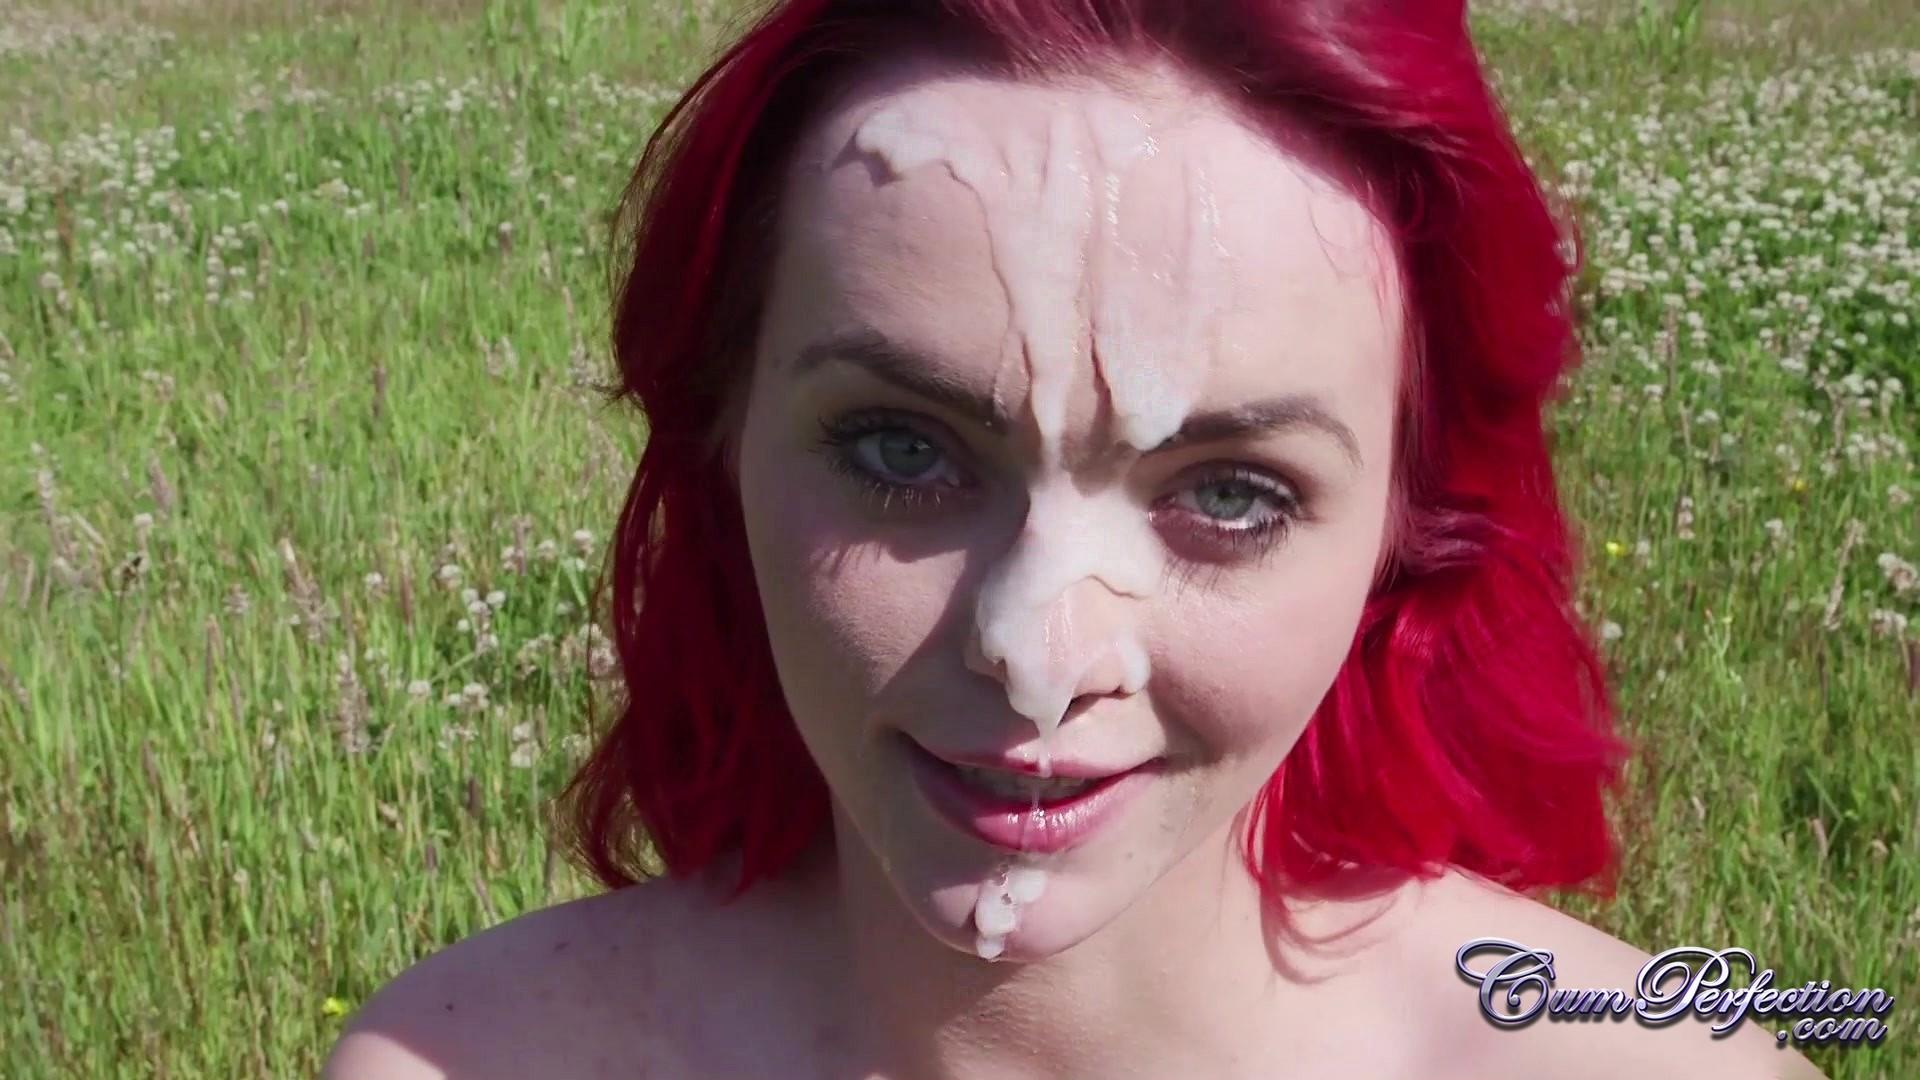 Жасмин Джеймс с красными волосами сосет прямо на природе и добивается спермослива на лицо